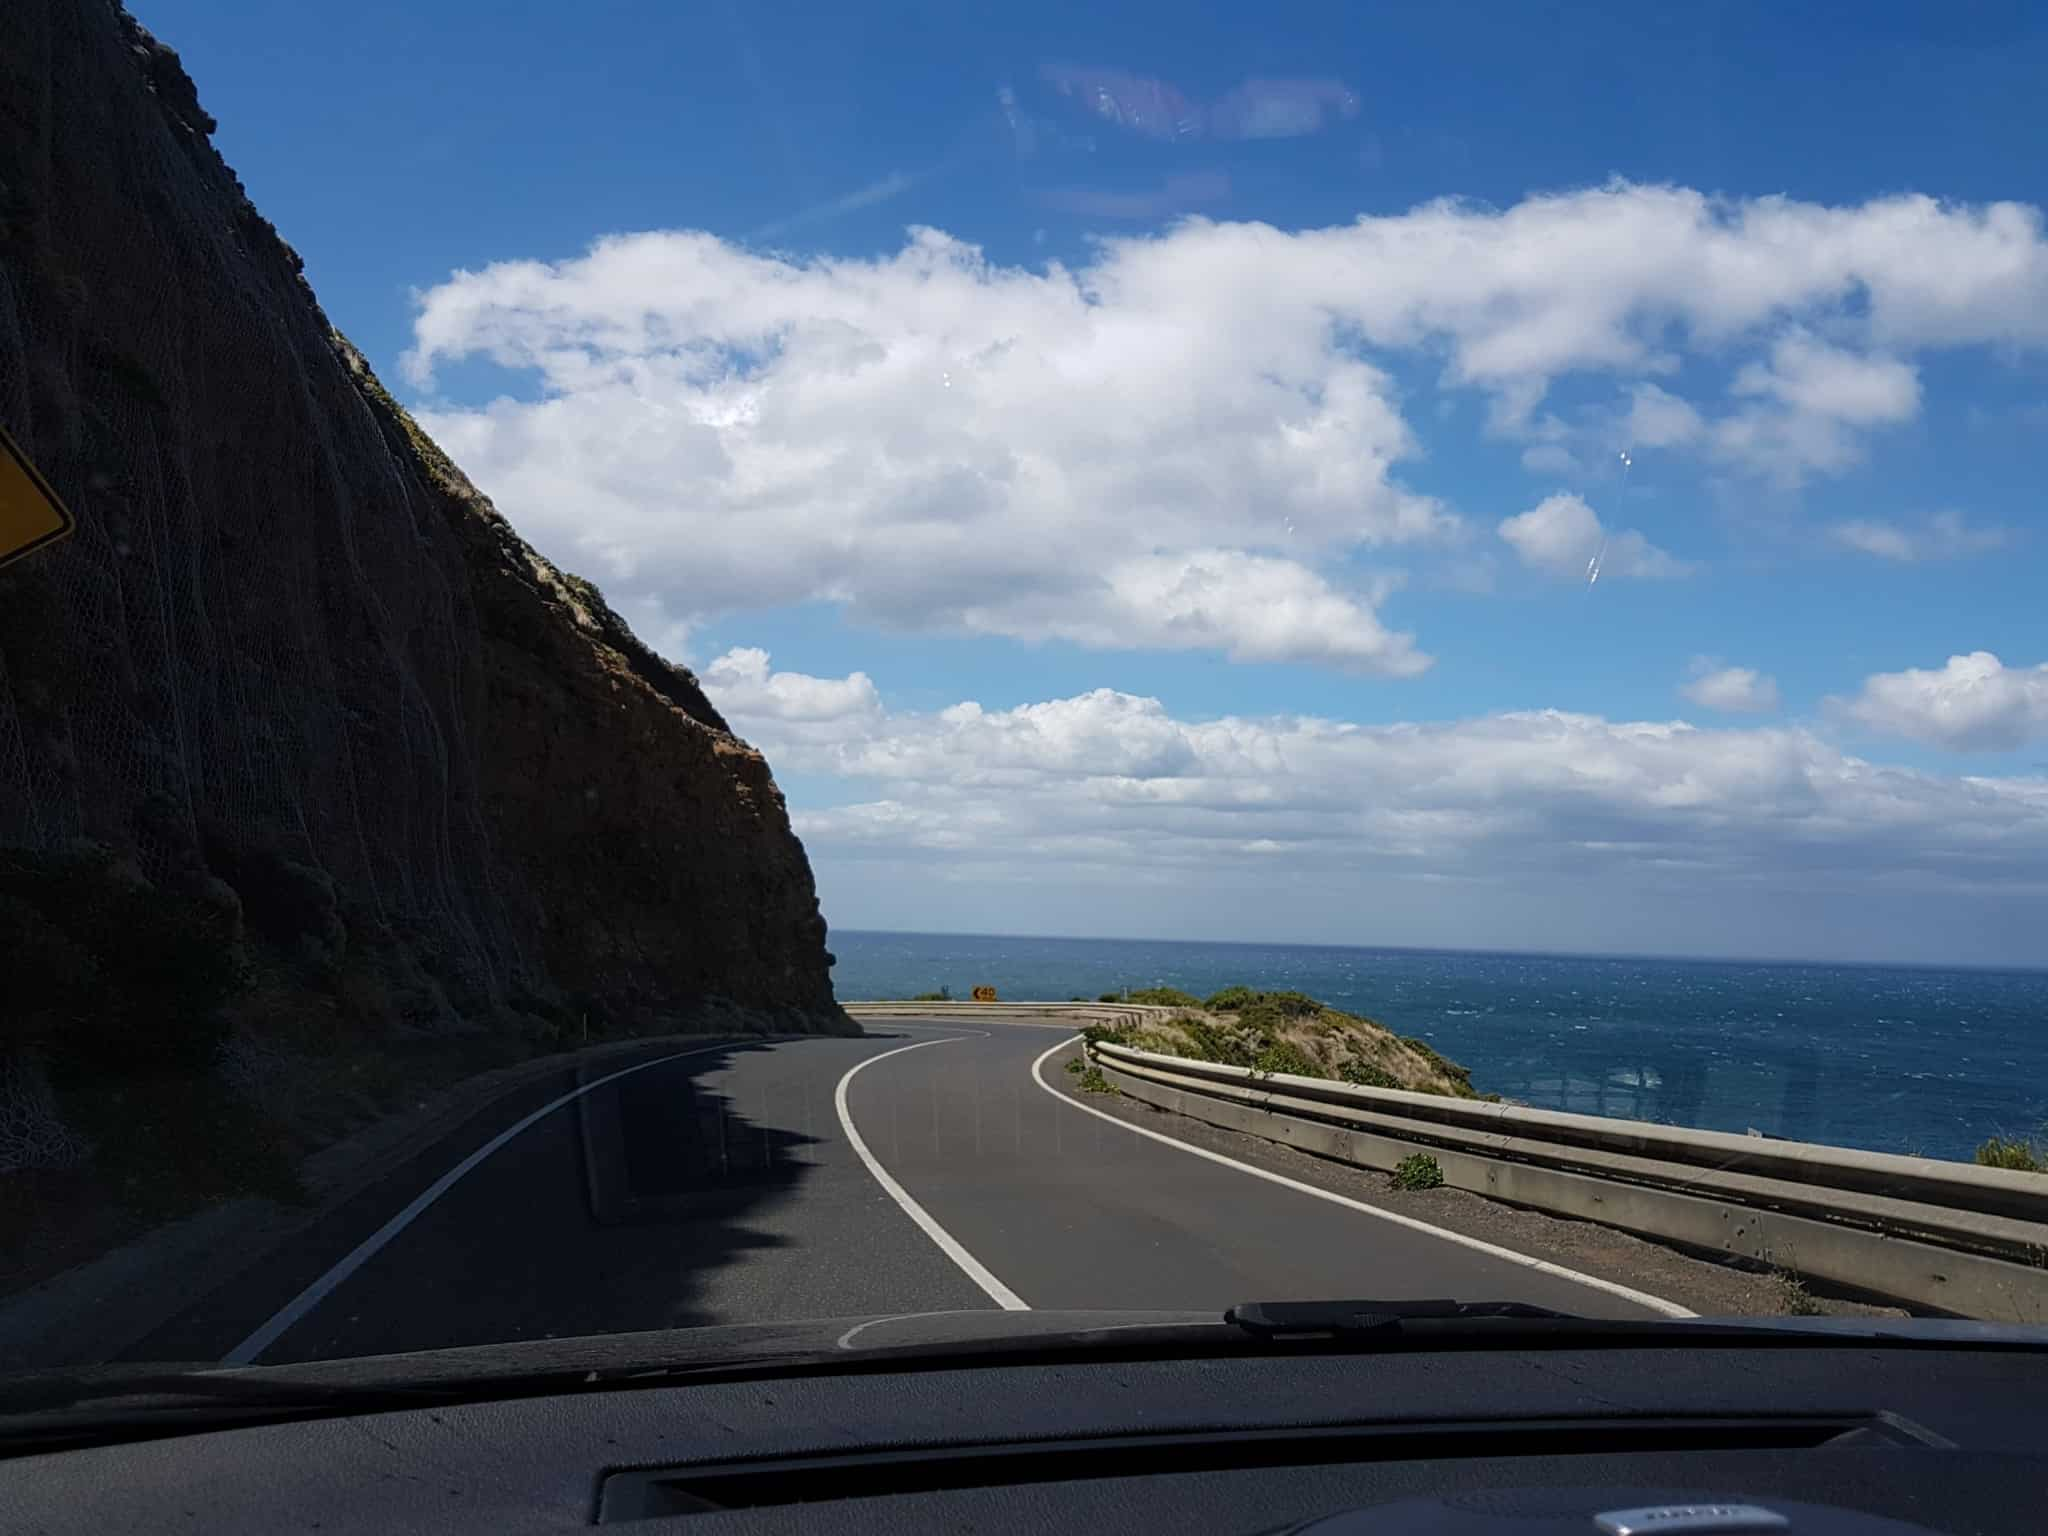 Australie, après 1 200 km de route on arrive à Melbourne 🏬 12